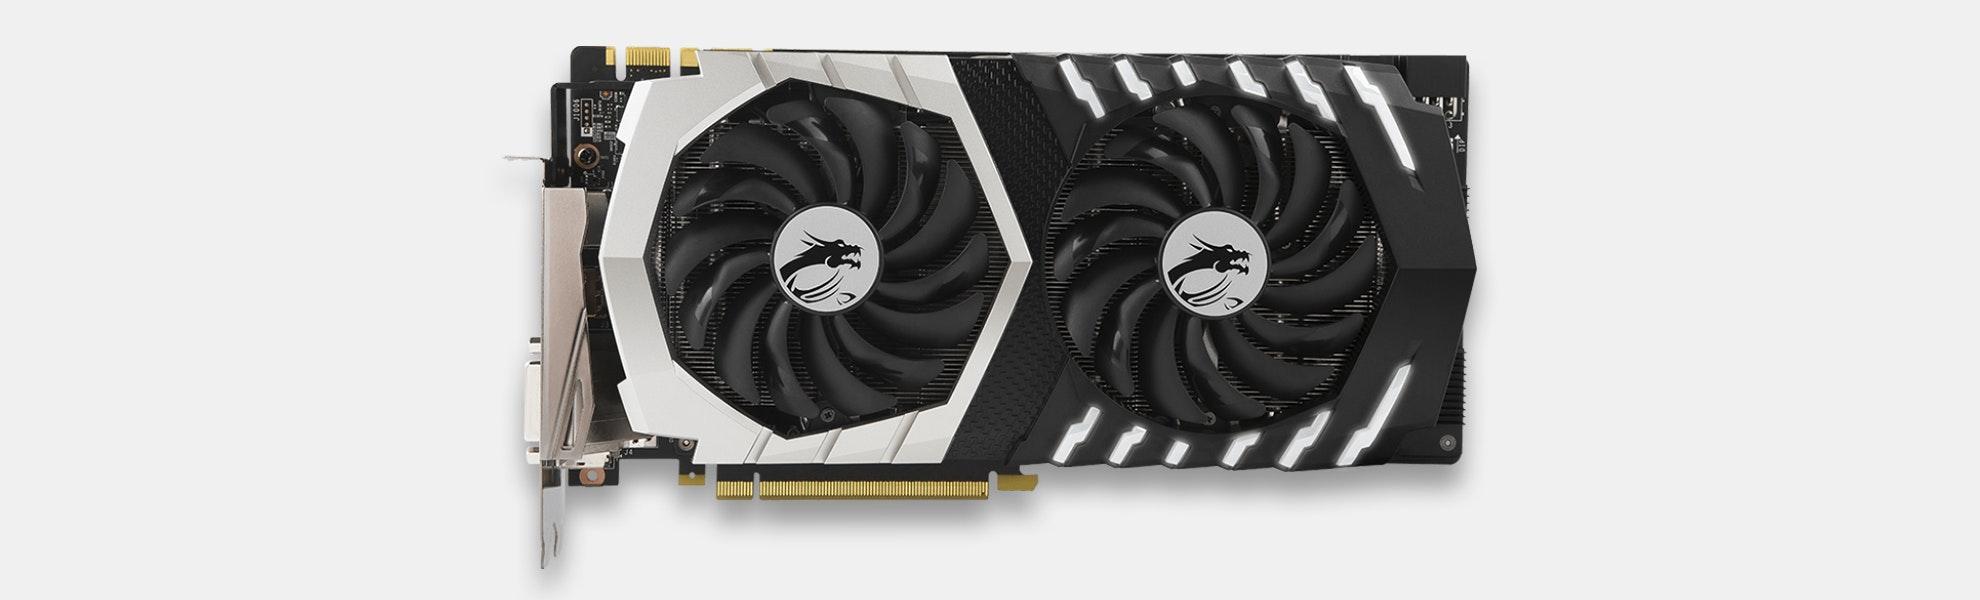 MSI GeForce GTX 1070 Ti Titanium 8GB